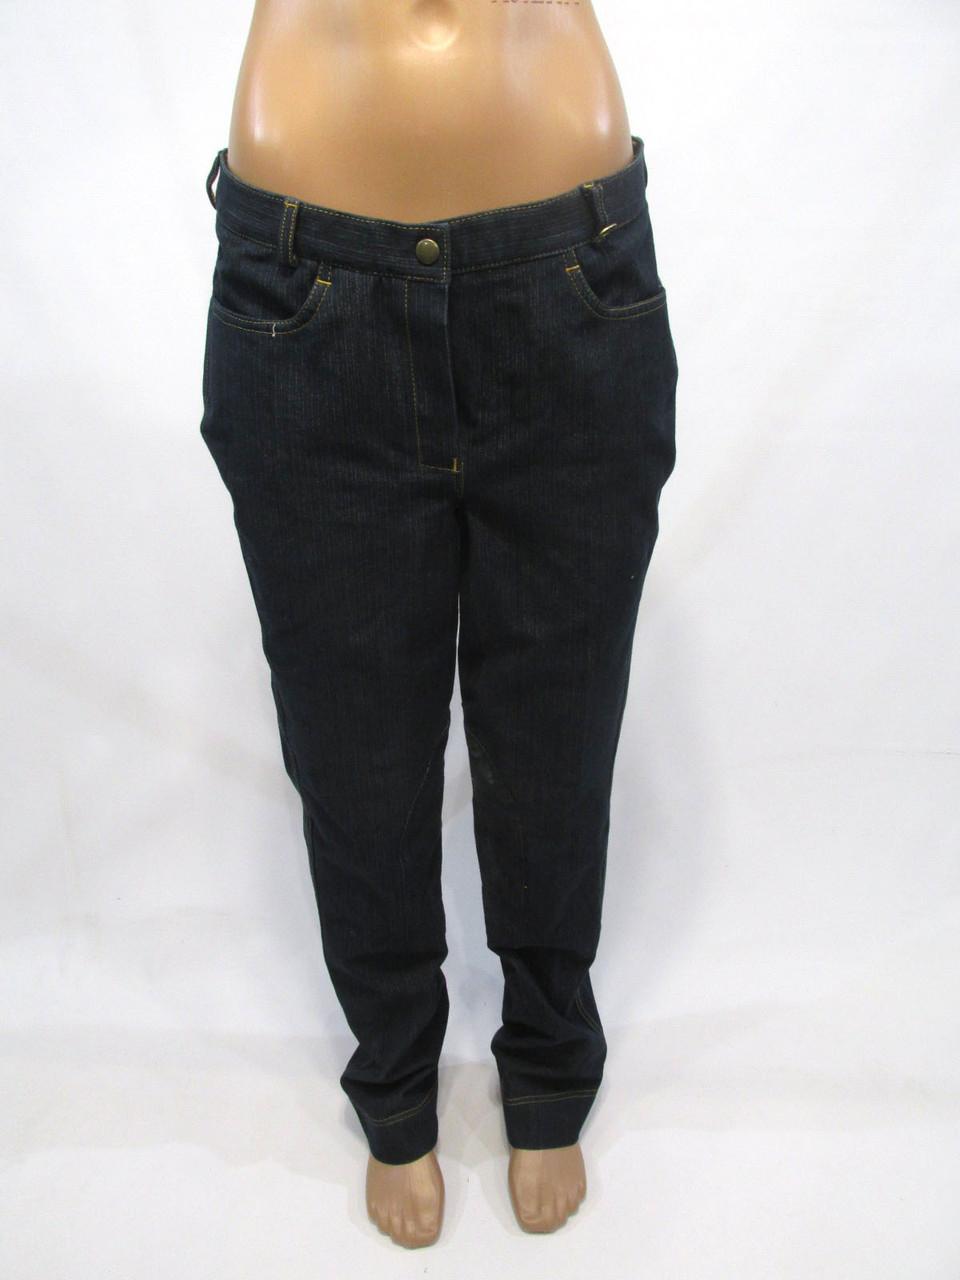 Купить женские джинсы в Луцке ᐉ Продажа женских джинсов 190795e0f9bfc